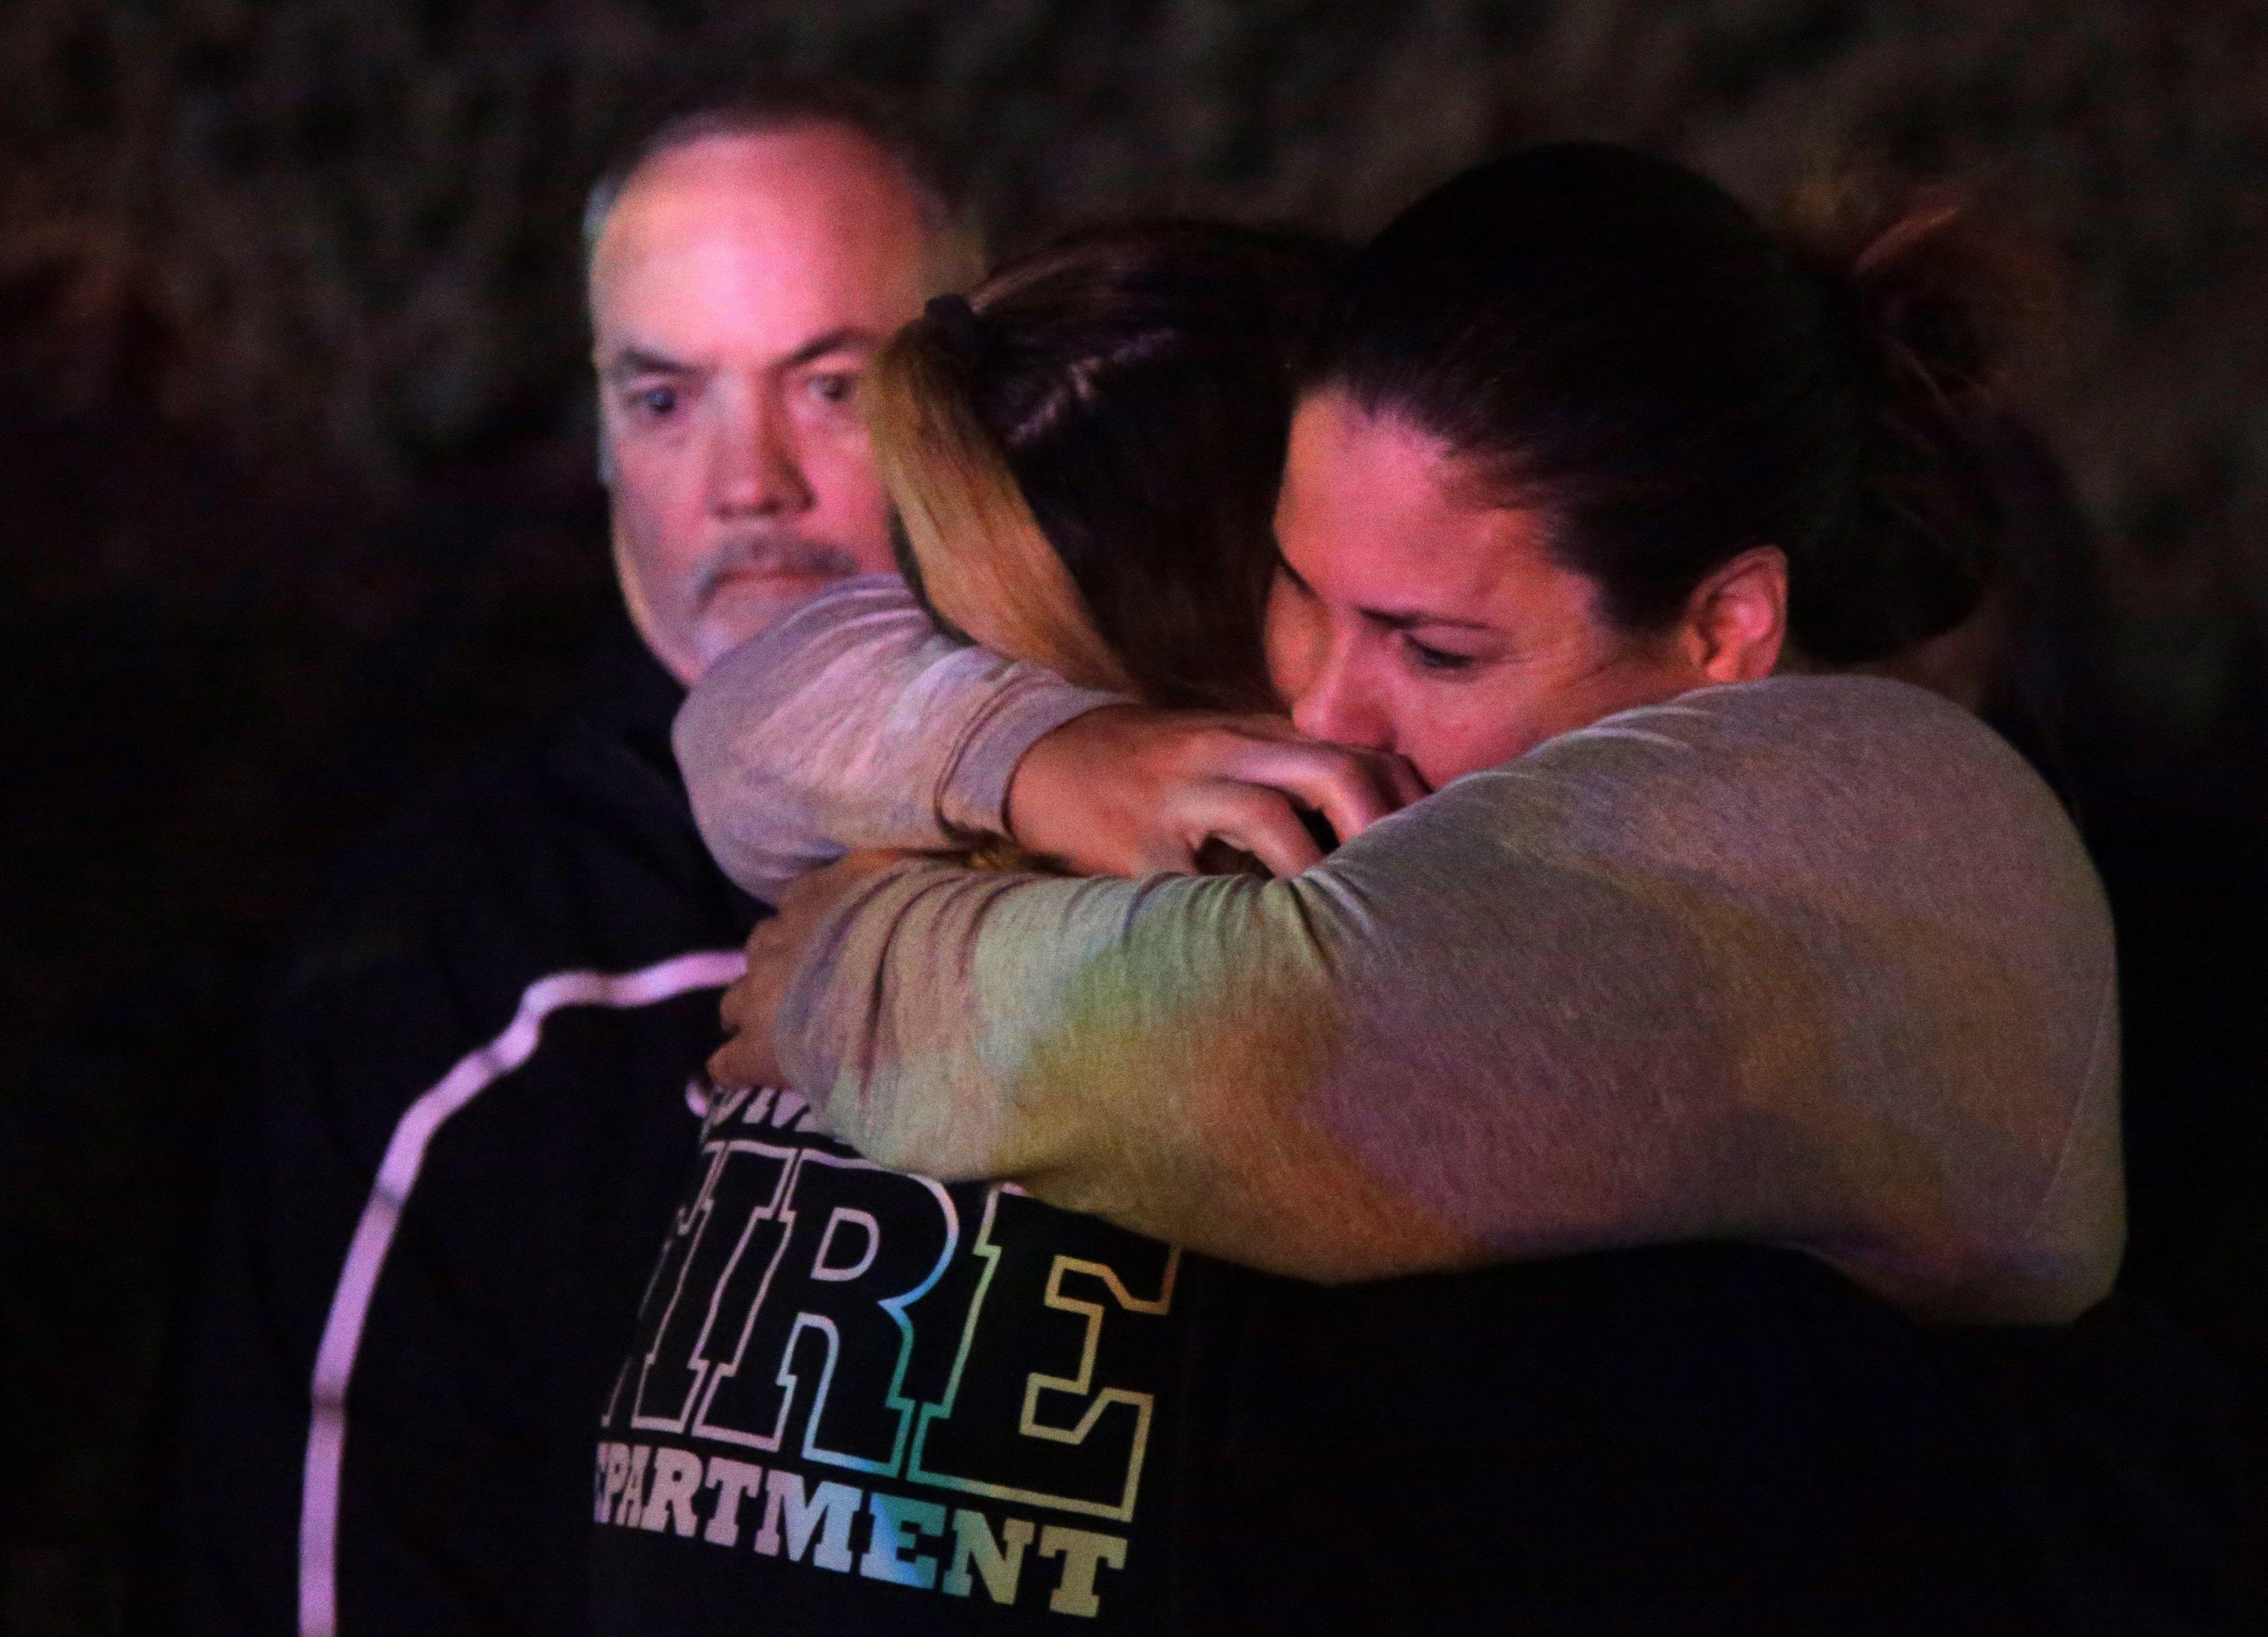 El tiroteo en el que al menos 12 personas han fallecido en un bar de la localidad californiana de Thousand Oaks, cuyo autor ha muerto también, es uno de los sucesos mas mortíferos de las últimas dos décadas en EEUU